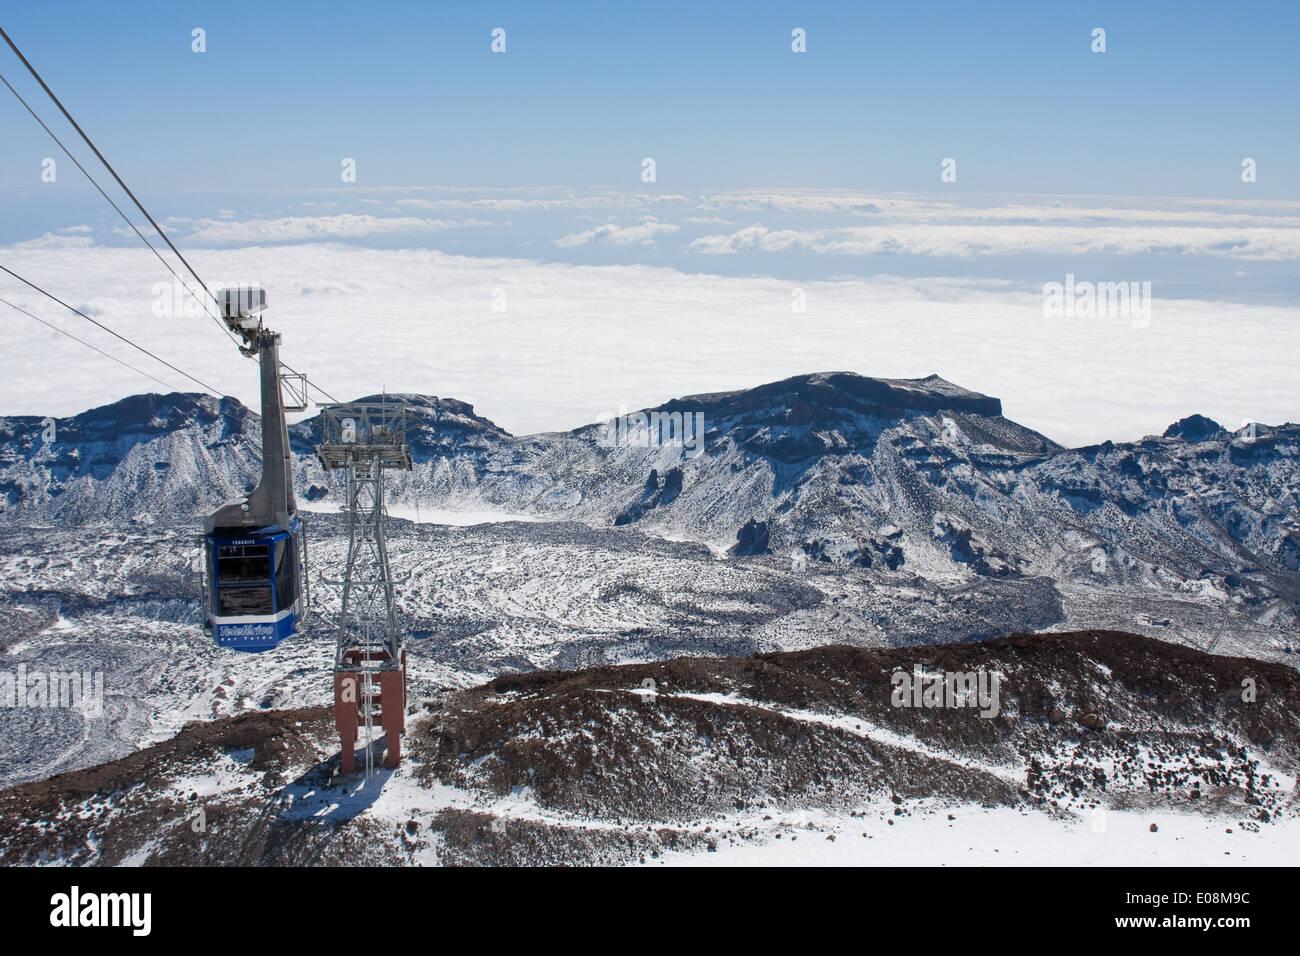 Cable car to Pico de Teide, Parque Nacional del Teide, Spain, Tenerife - Stock Image